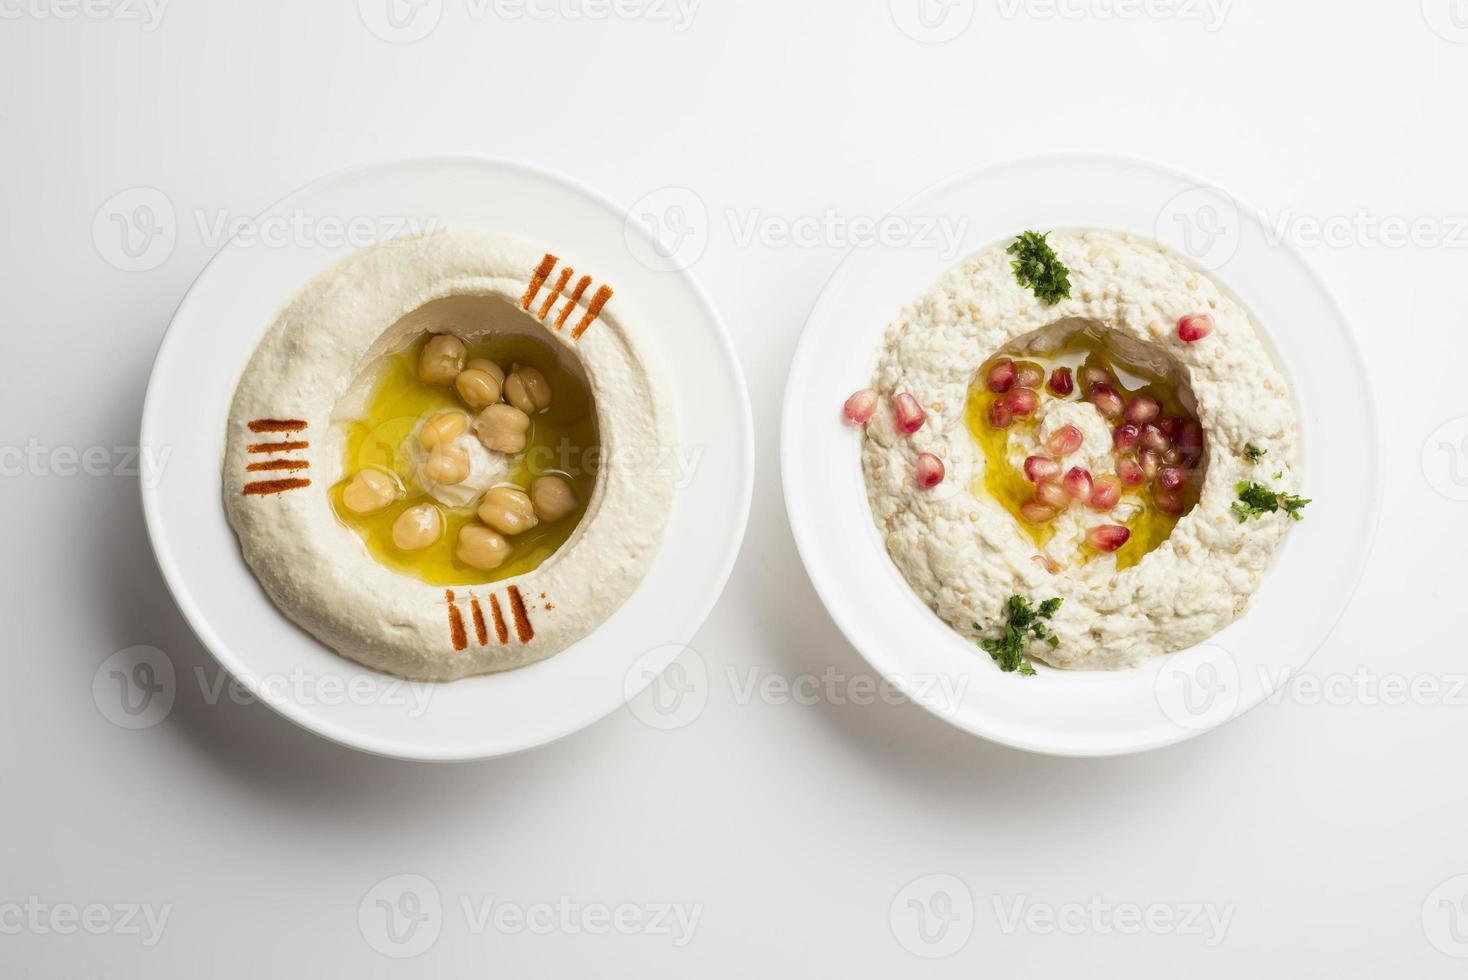 libanesisches Essen von hommos & mtabbal isoliert auf weiß foto